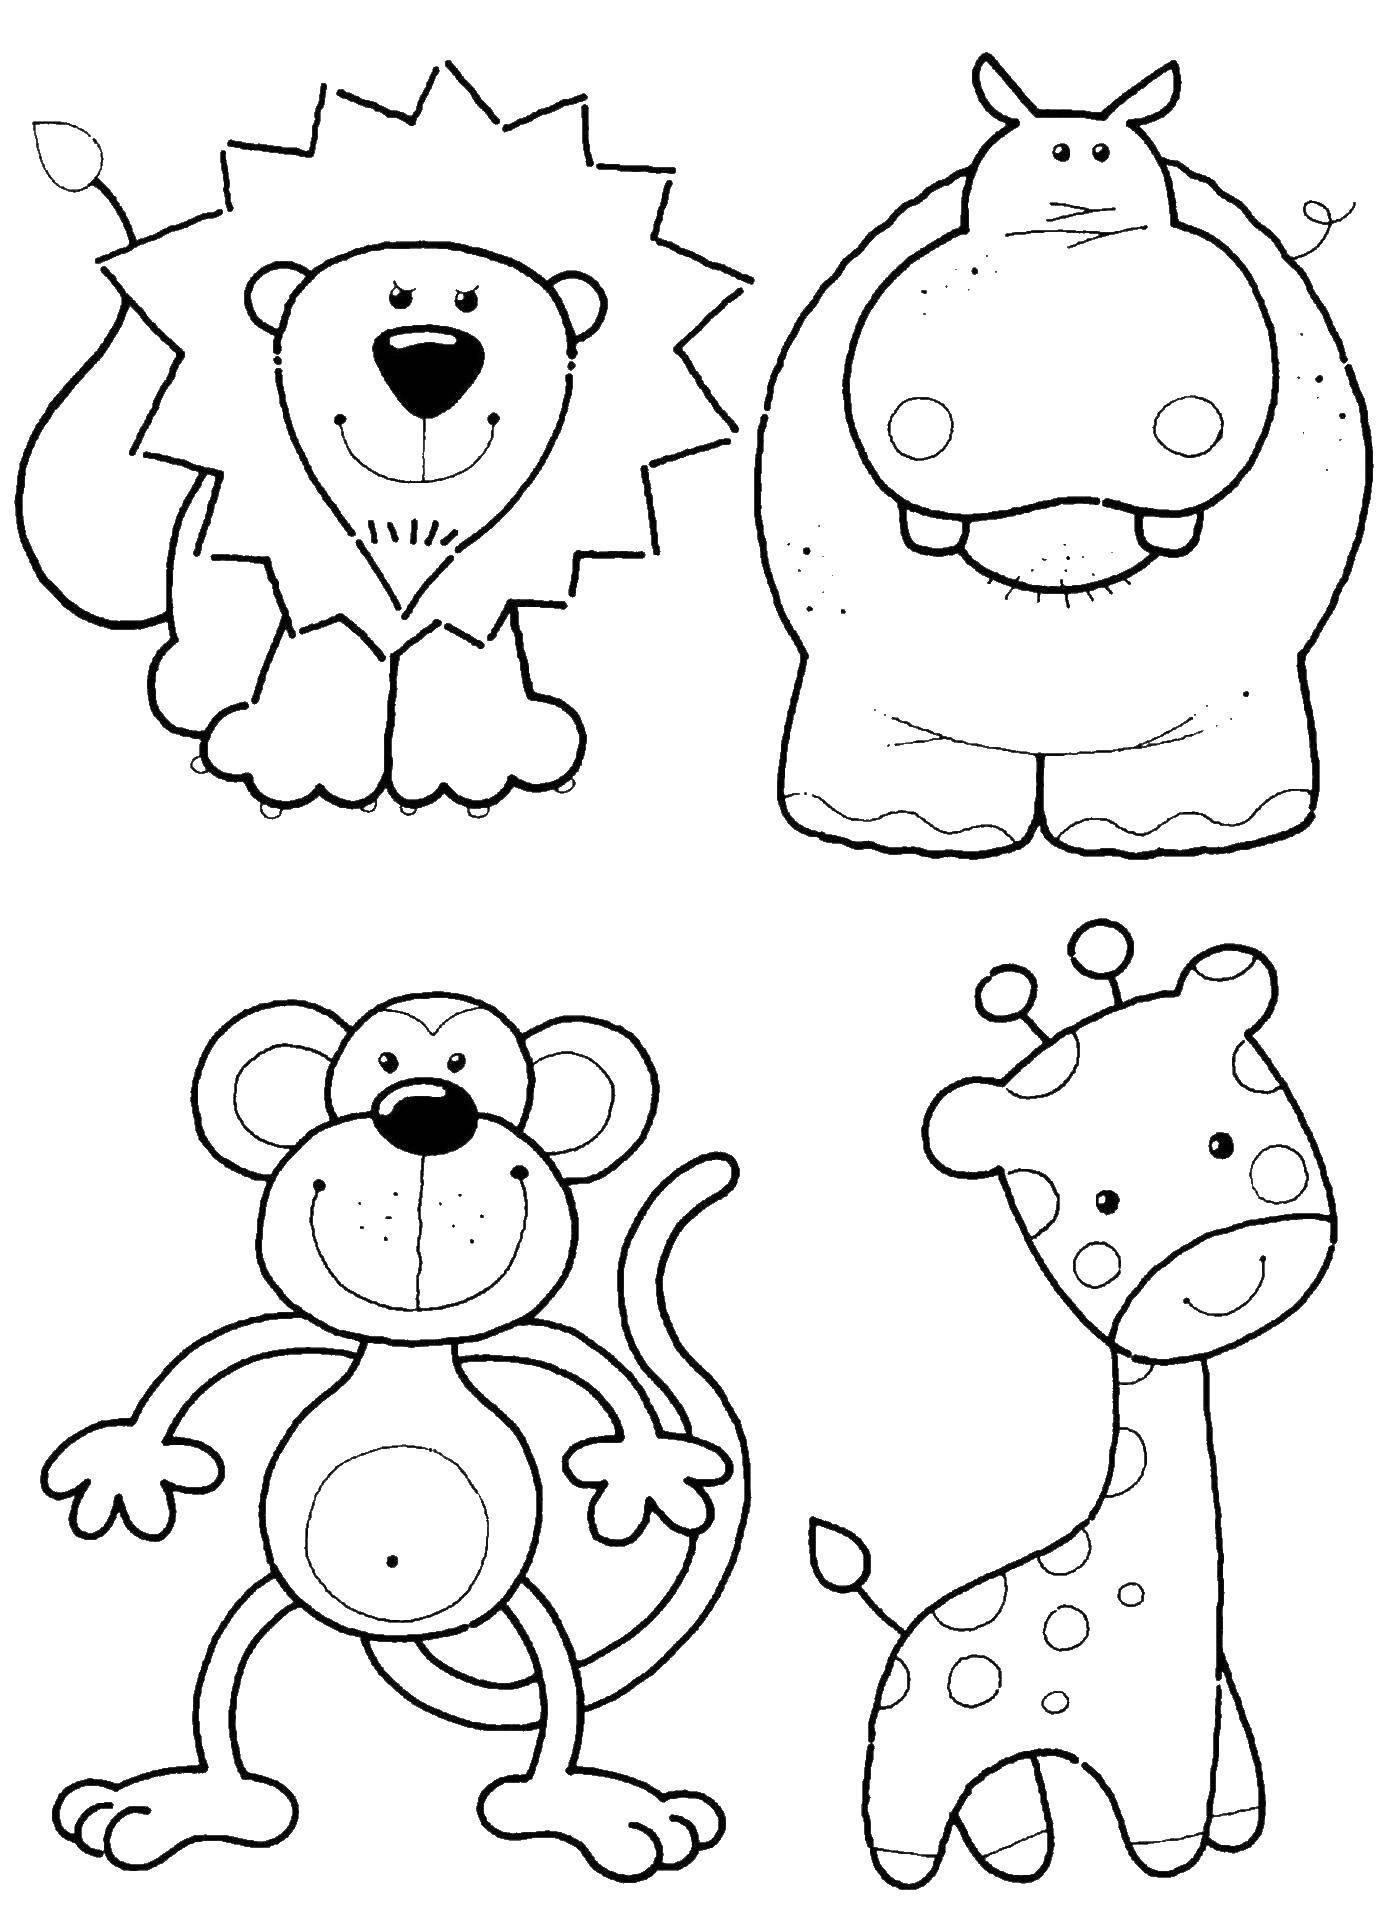 Раскраска Зверушки: львенок, бегемот, обезьяна, жираф Скачать животные, лев, бегемот, обезьяна, жираф.  Распечатать ,раскраски для маленьких,